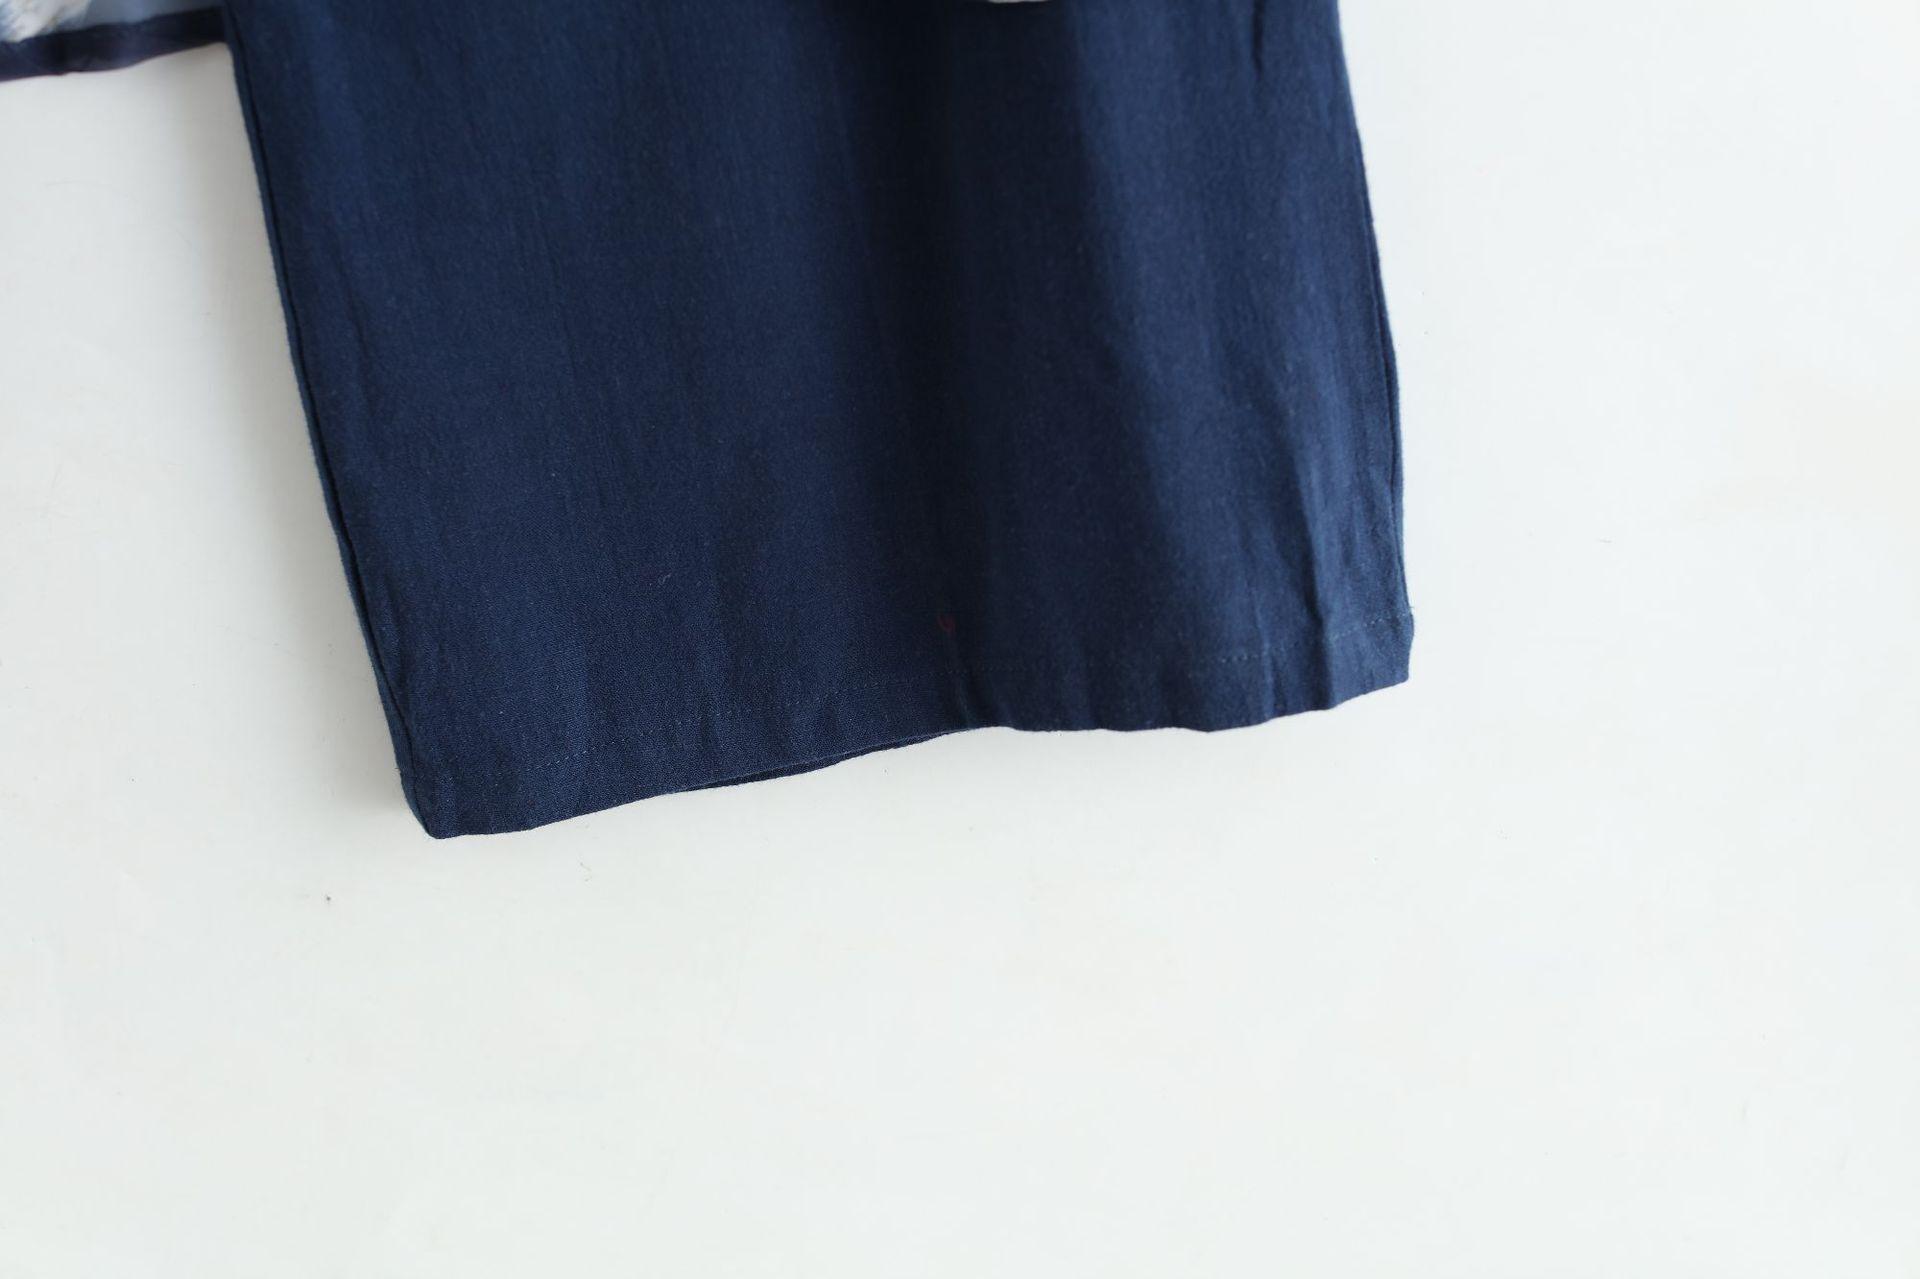 Pantalon Femmes Décontracté Épissure Lin Hommes Larges En Chinois À Jupe Jambes Style Bleu Mâle Mousseline De twx4dX